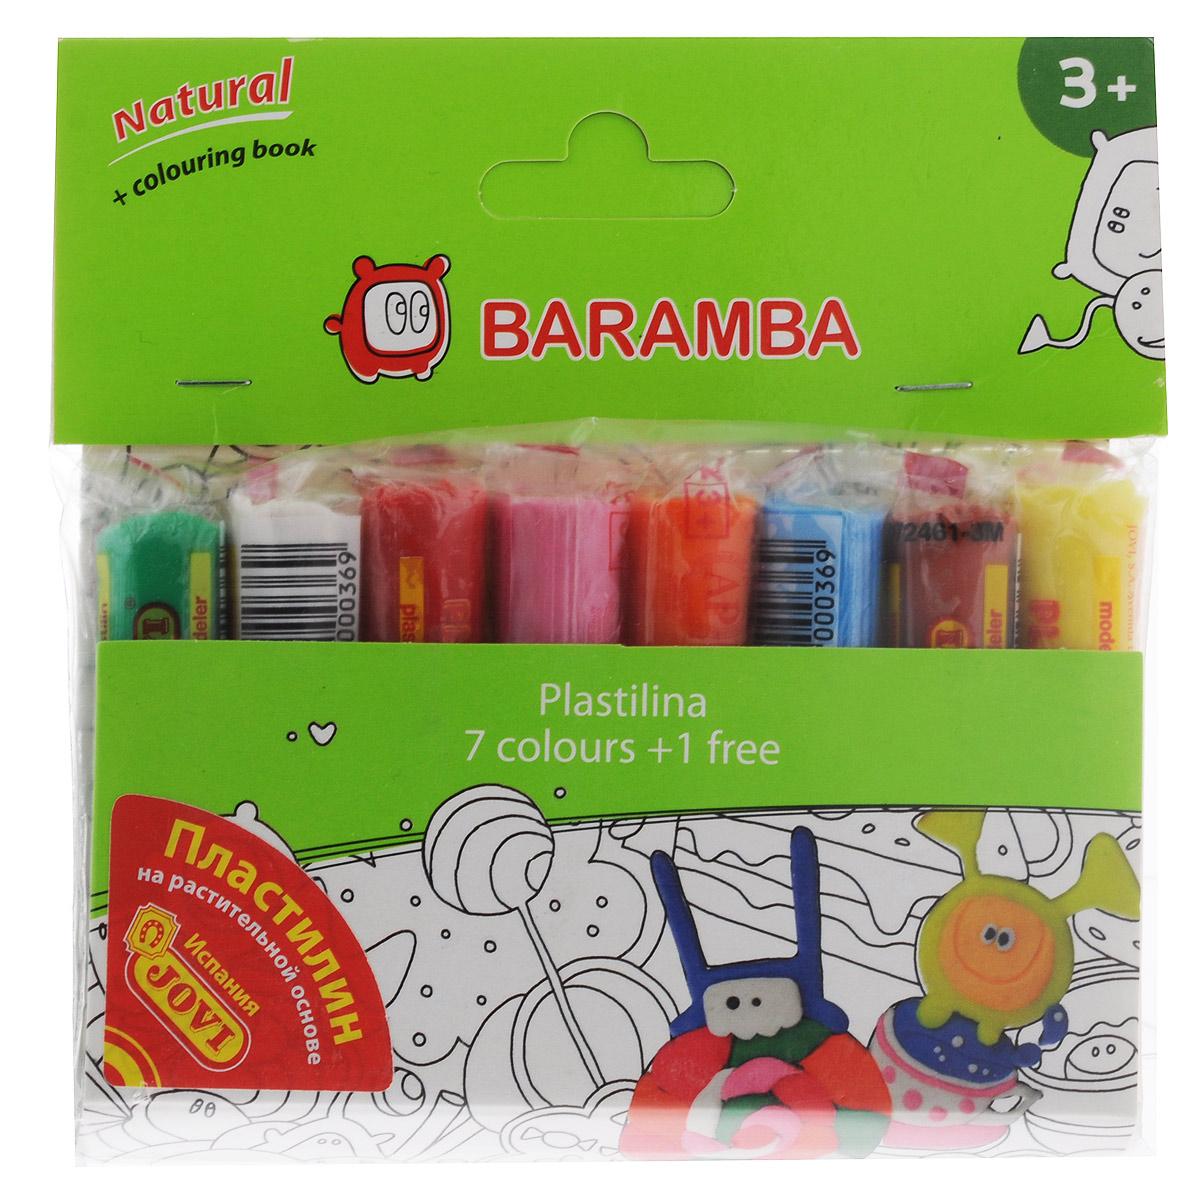 Пластилин на натуральной основе Baramba, с пищевыми красителями, 8 цветовB26007Пластилин Baramba это отличная возможность познакомить ребенка с еще одним из видов изобразительного творчества, в котором создаются объемные образы и целые композиции. В набор входит пластилин 8 ярких цветов (зеленый, белый, красный, розовый, оранжевый, голубой, коричневый, желтый), раскраска. Цвета пластилина легко смешиваются между собой, и таким образом можно получить новые оттенки. Пластилин на растительной основе имеет яркие, красочные цвета и не липнет к рукам, не сохнет. Техника лепки богата и разнообразна, но при этом доступна даже маленьким детям. Занятие лепкой не только увлекательно, но и полезно для ребенка. Оно способствует развитию творческого и пространственного мышления, восприятия формы, фактуры, цвета и веса, развивает воображение и мелкую моторику.